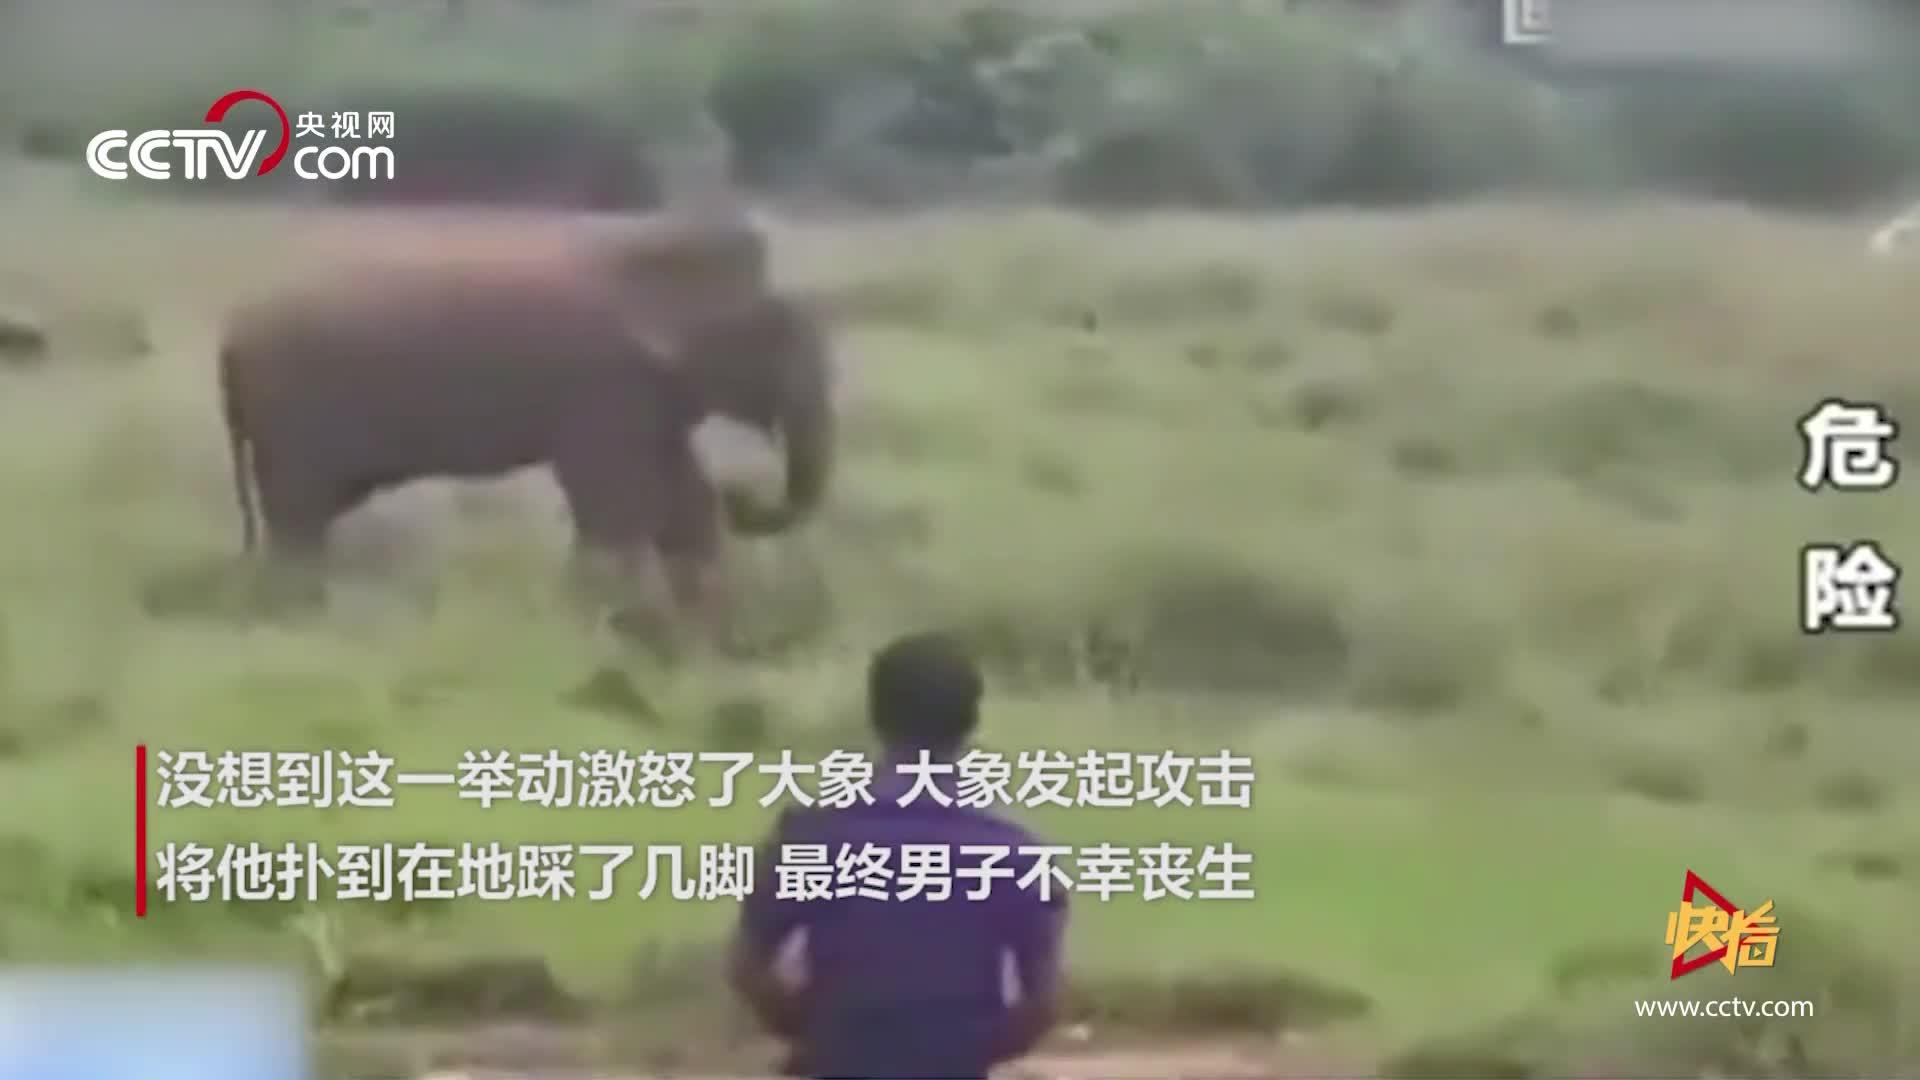 [视频]男子酒后到大象面前挑衅 下一秒直接被一脚踩死